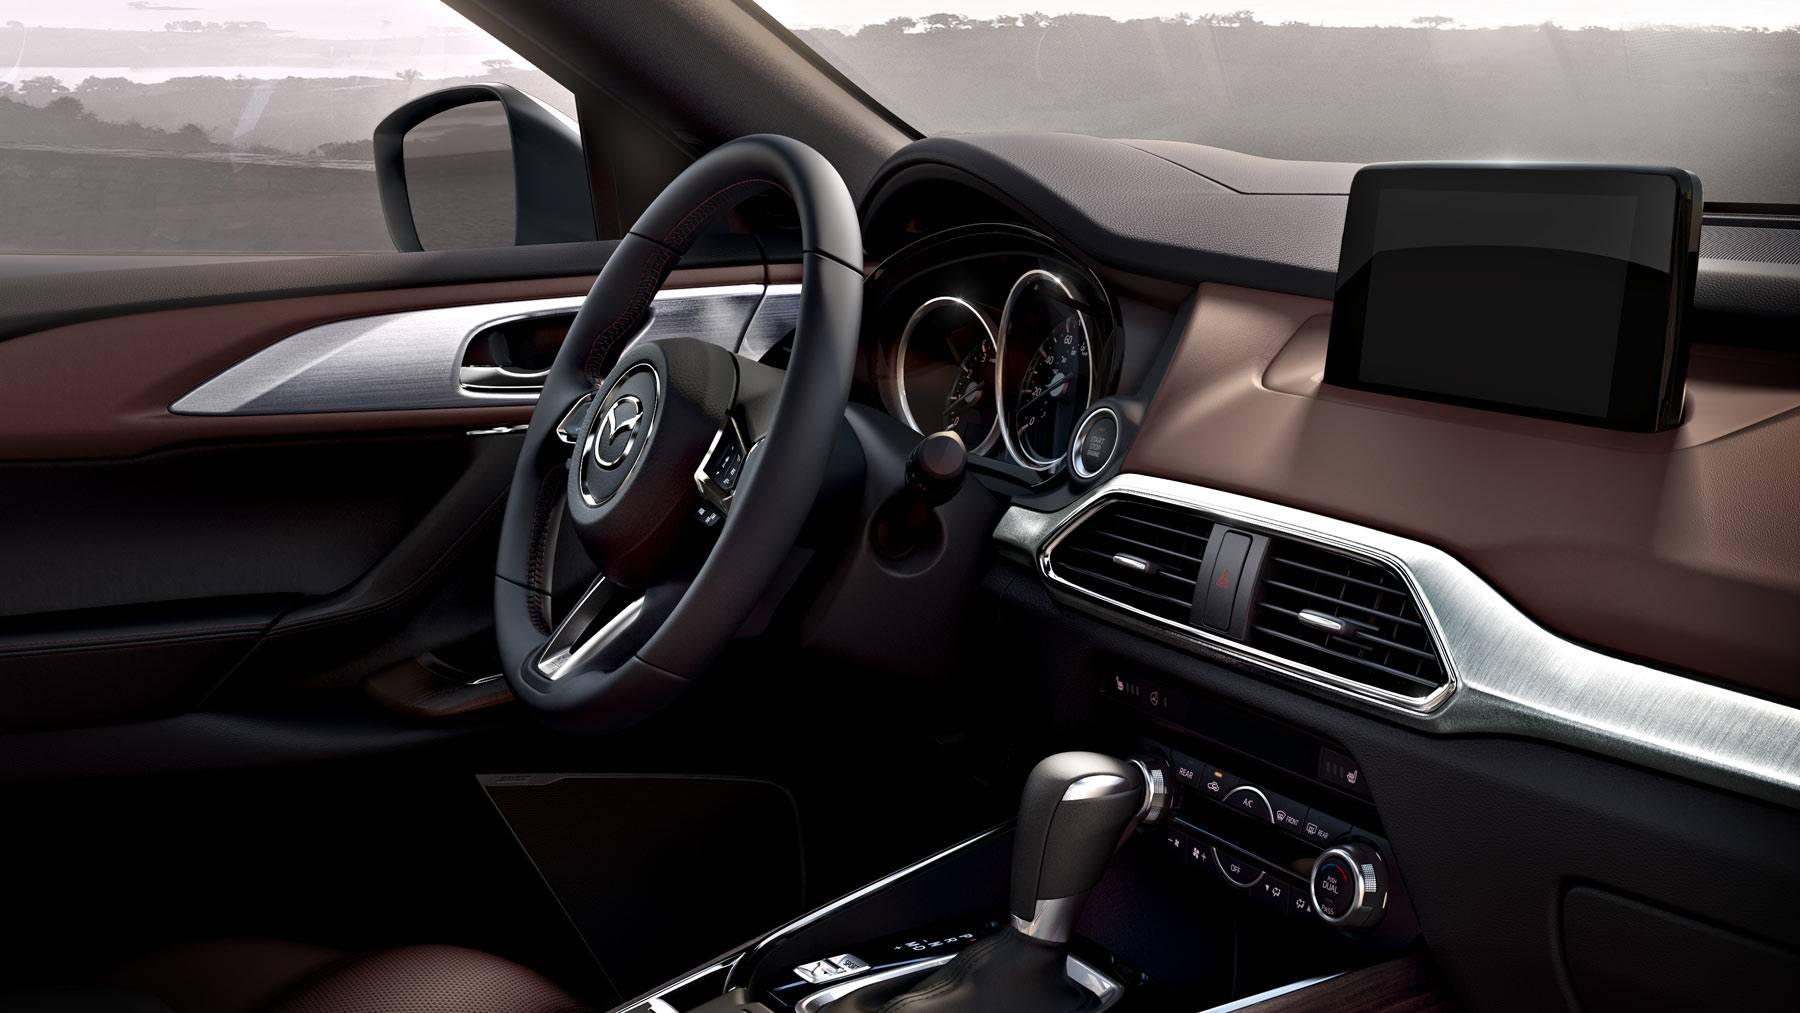 Mazda CX-9 Cockpit